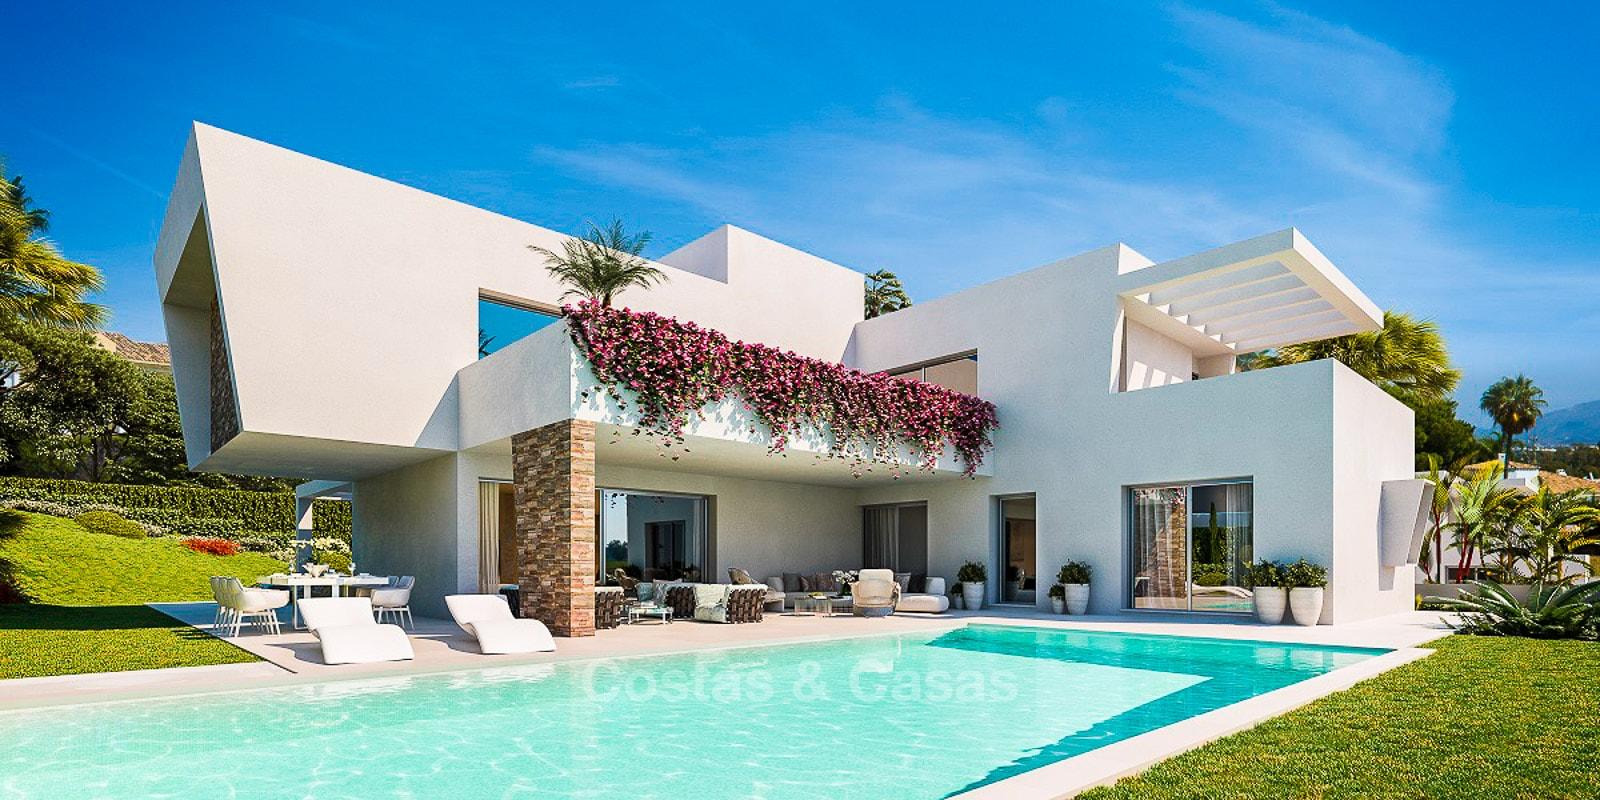 Villas luxe vendre prix attractif idéalement situées Est Estepona ...